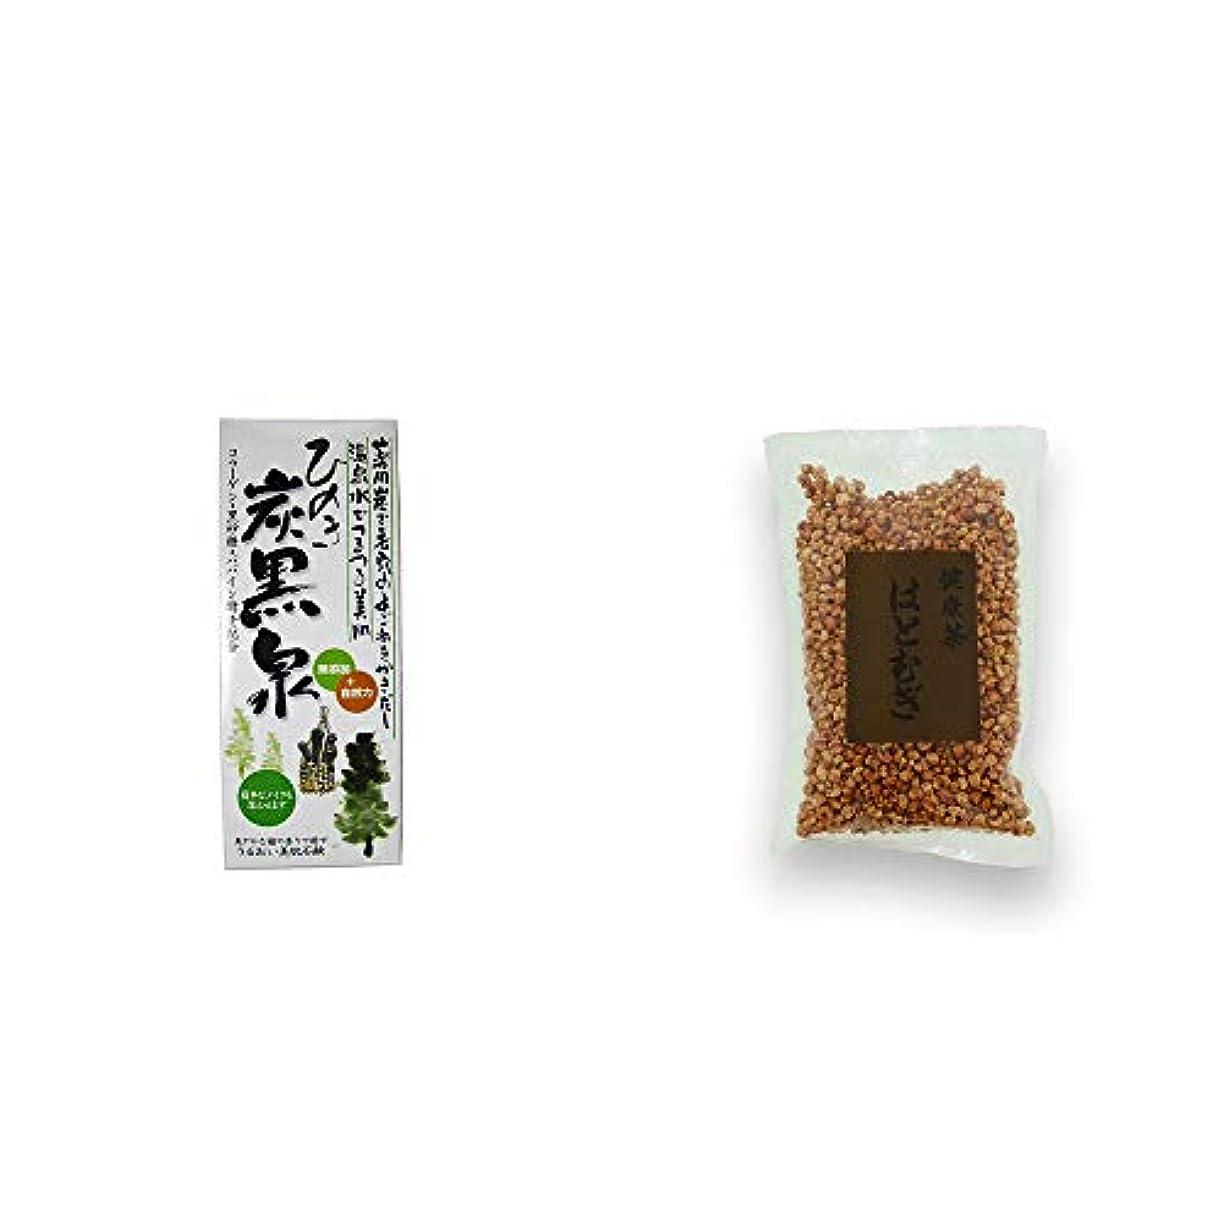 セッション悪名高いオープナー[2点セット] ひのき炭黒泉 箱入り(75g×3)?健康茶 はとむぎ(200g)